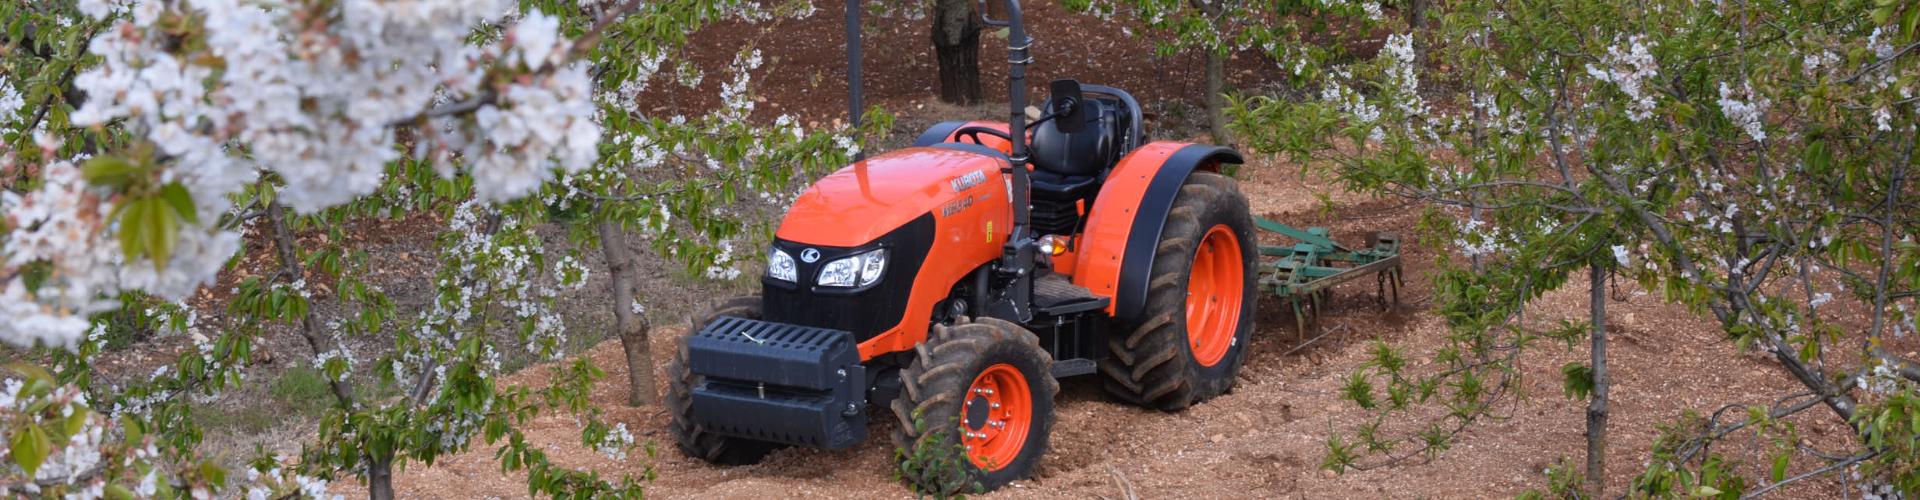 Tracteurs spécialisés